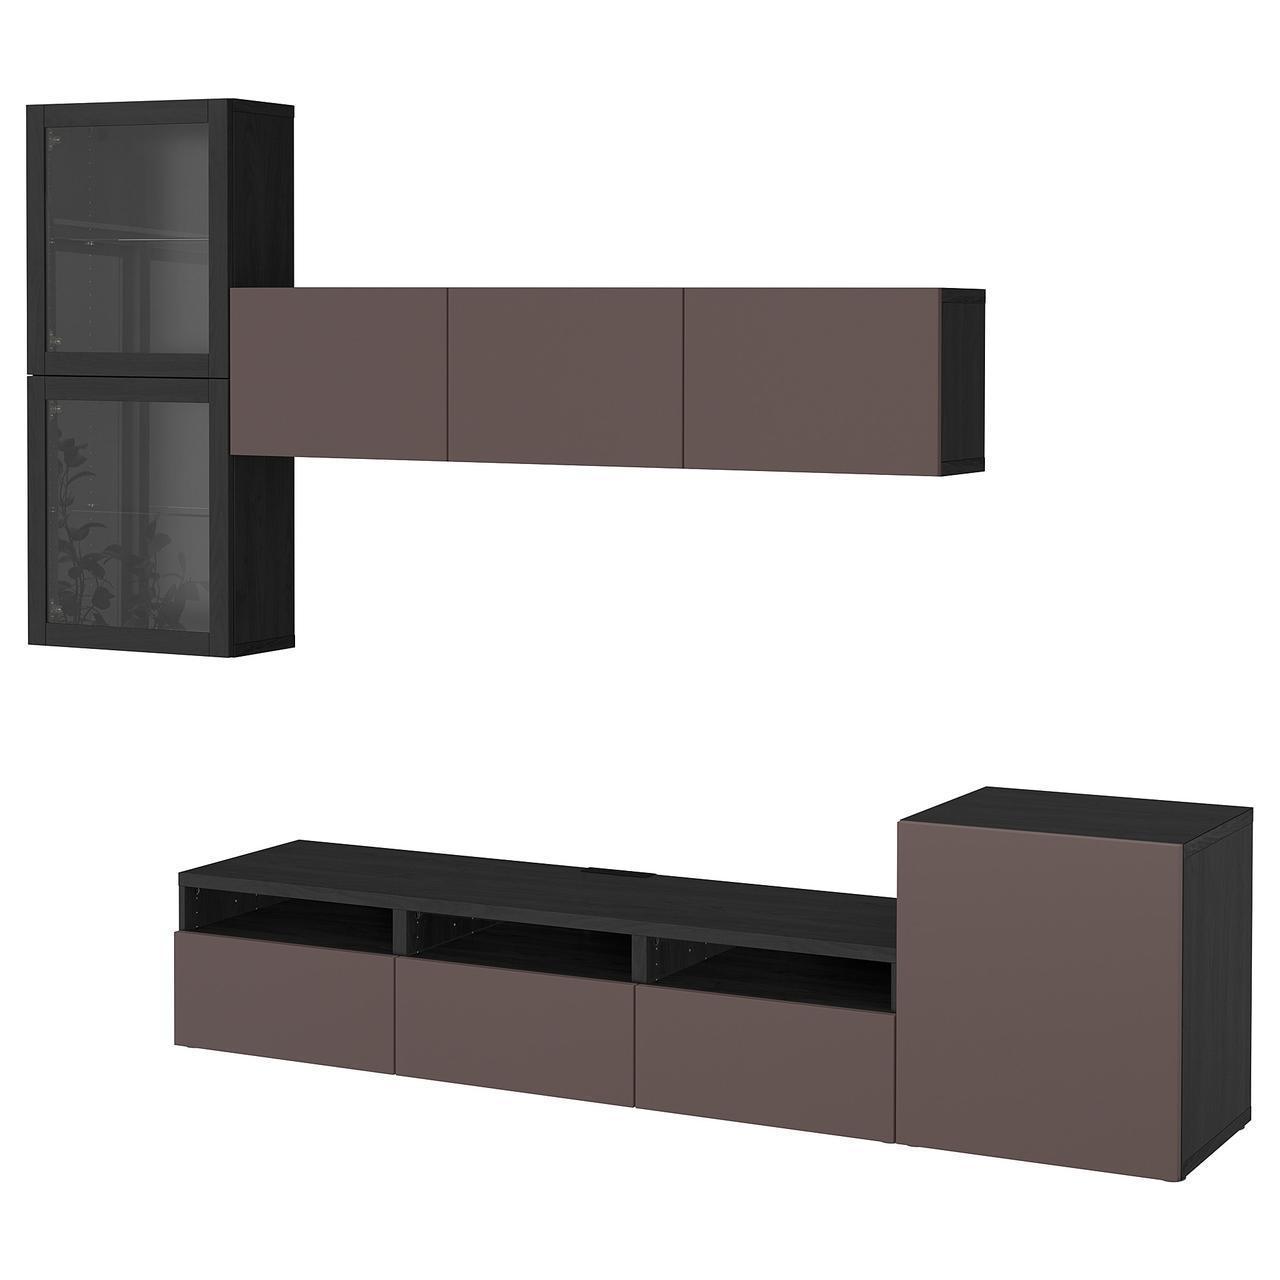 IKEA BESTA Тумба под телевизор с стеклянными дверьми, черн-коричневый цвет, Вальвикен (891.919.11)